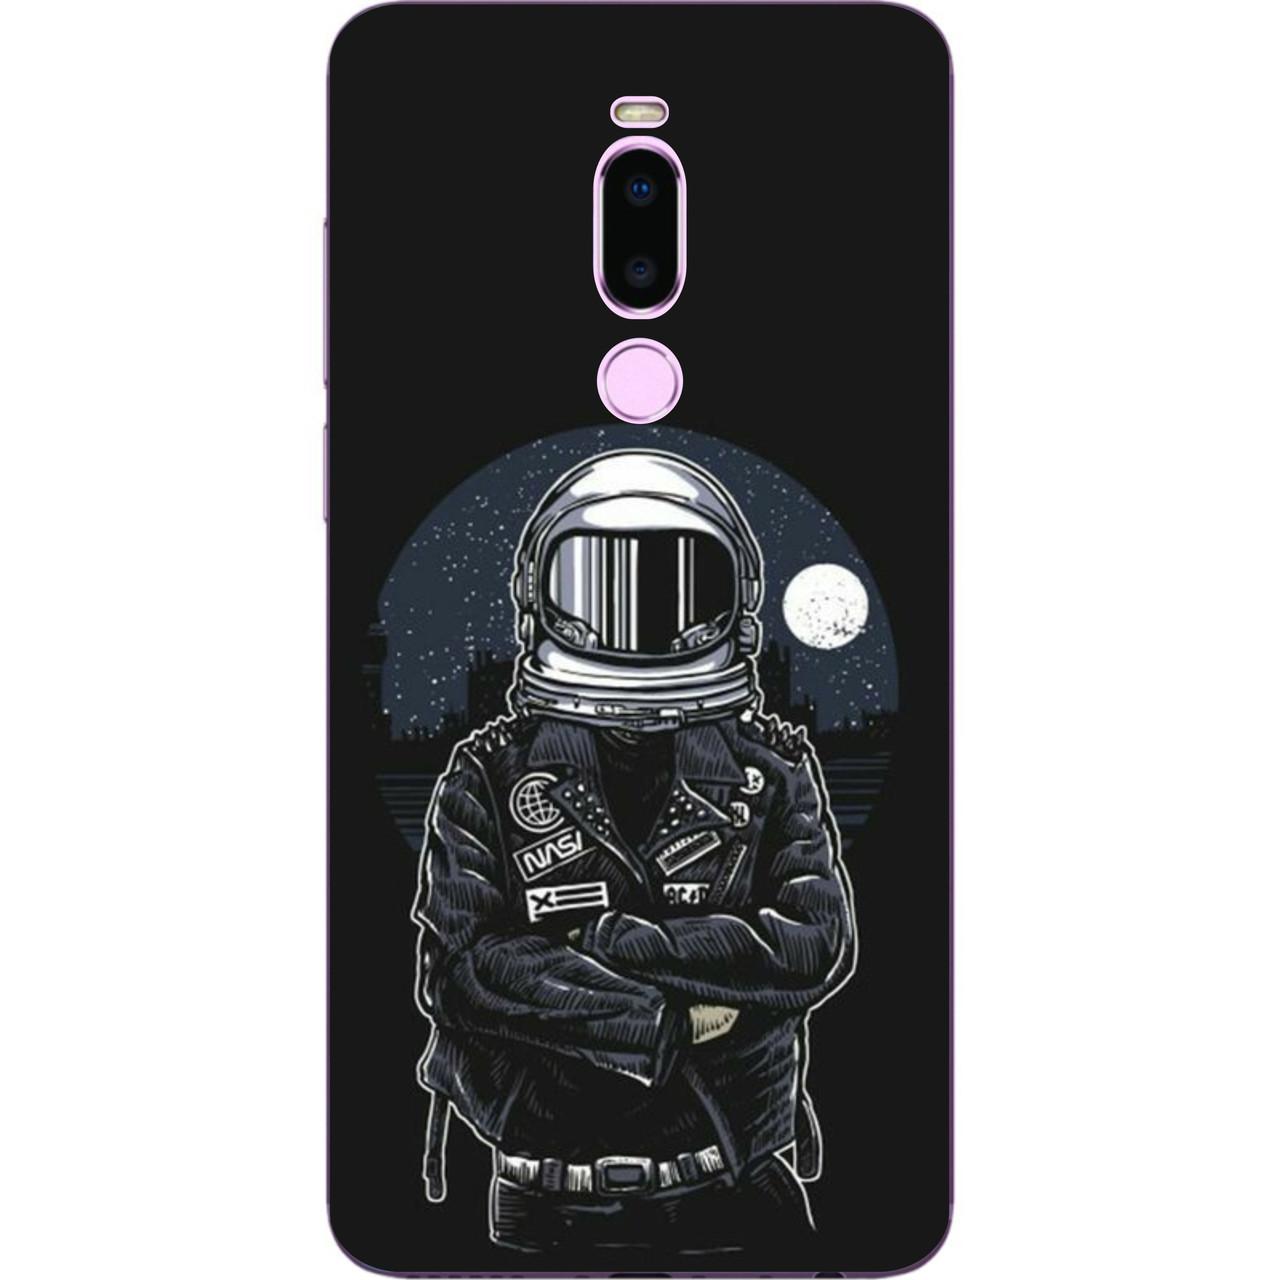 Силиконовый чехол бампер для Meizu Note 8 с картинкой Космонавт